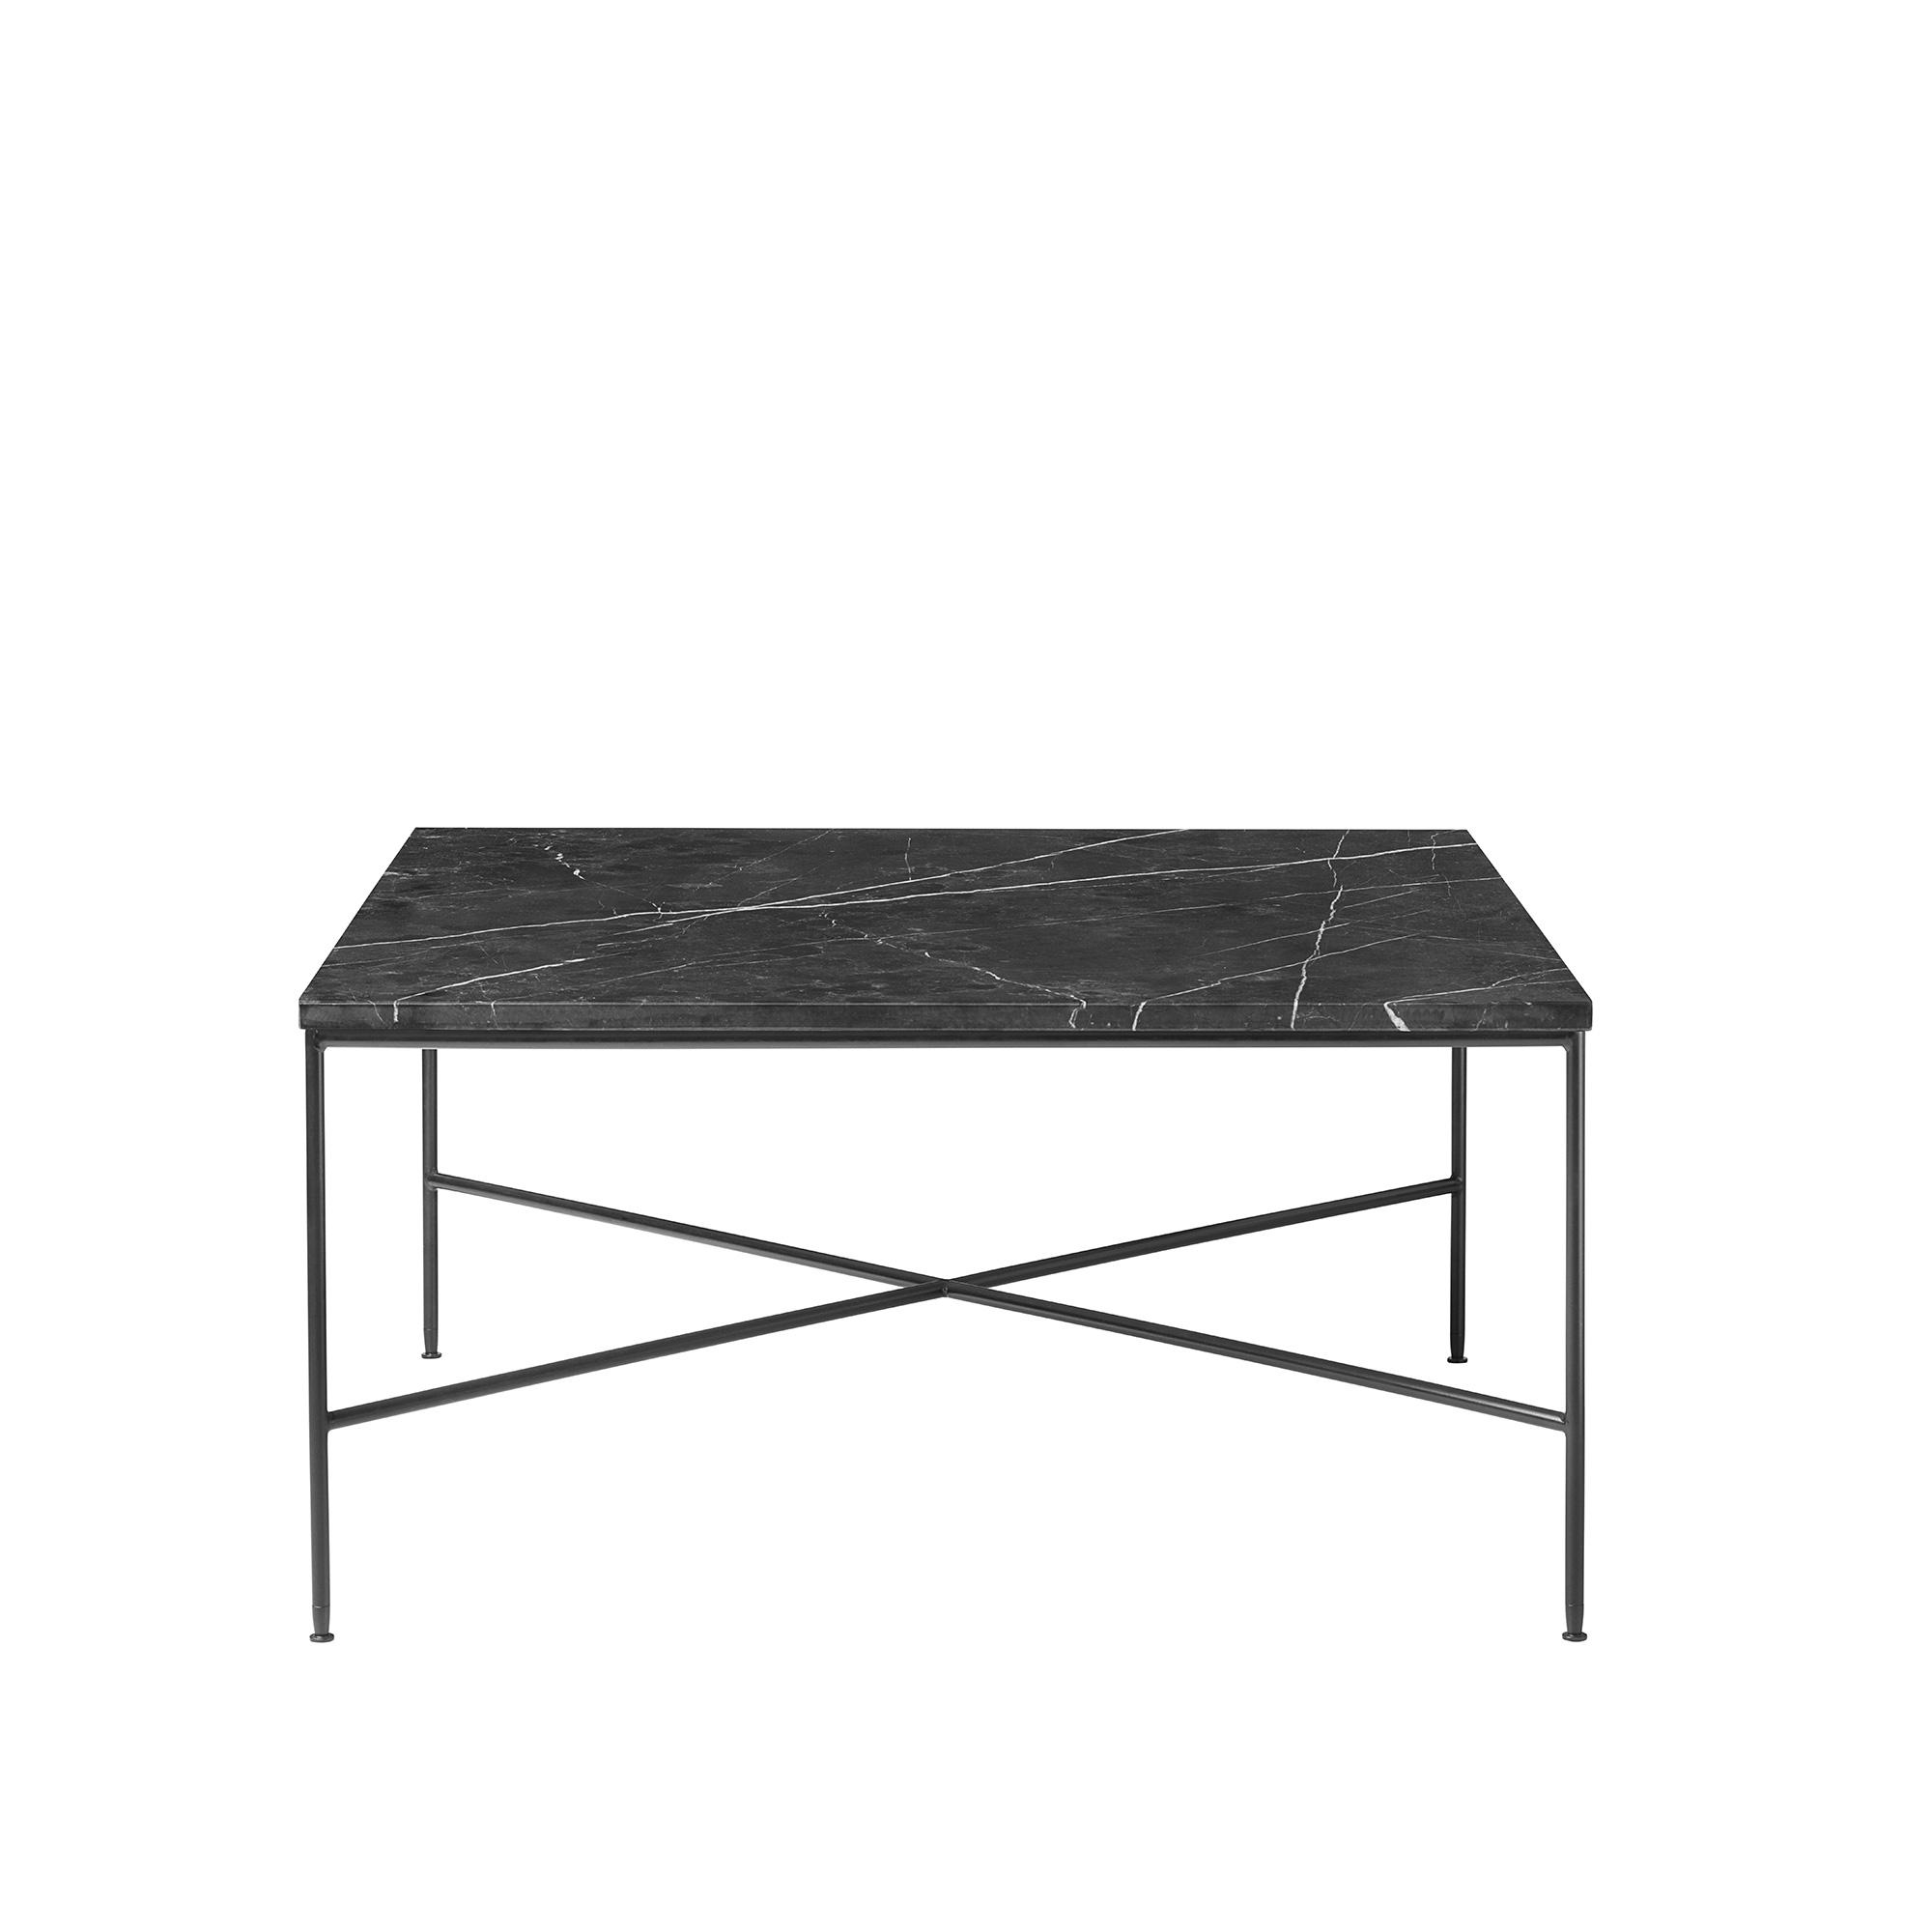 BORD, runt sidobord, glas och krom,1900 tal. Möbler Bord